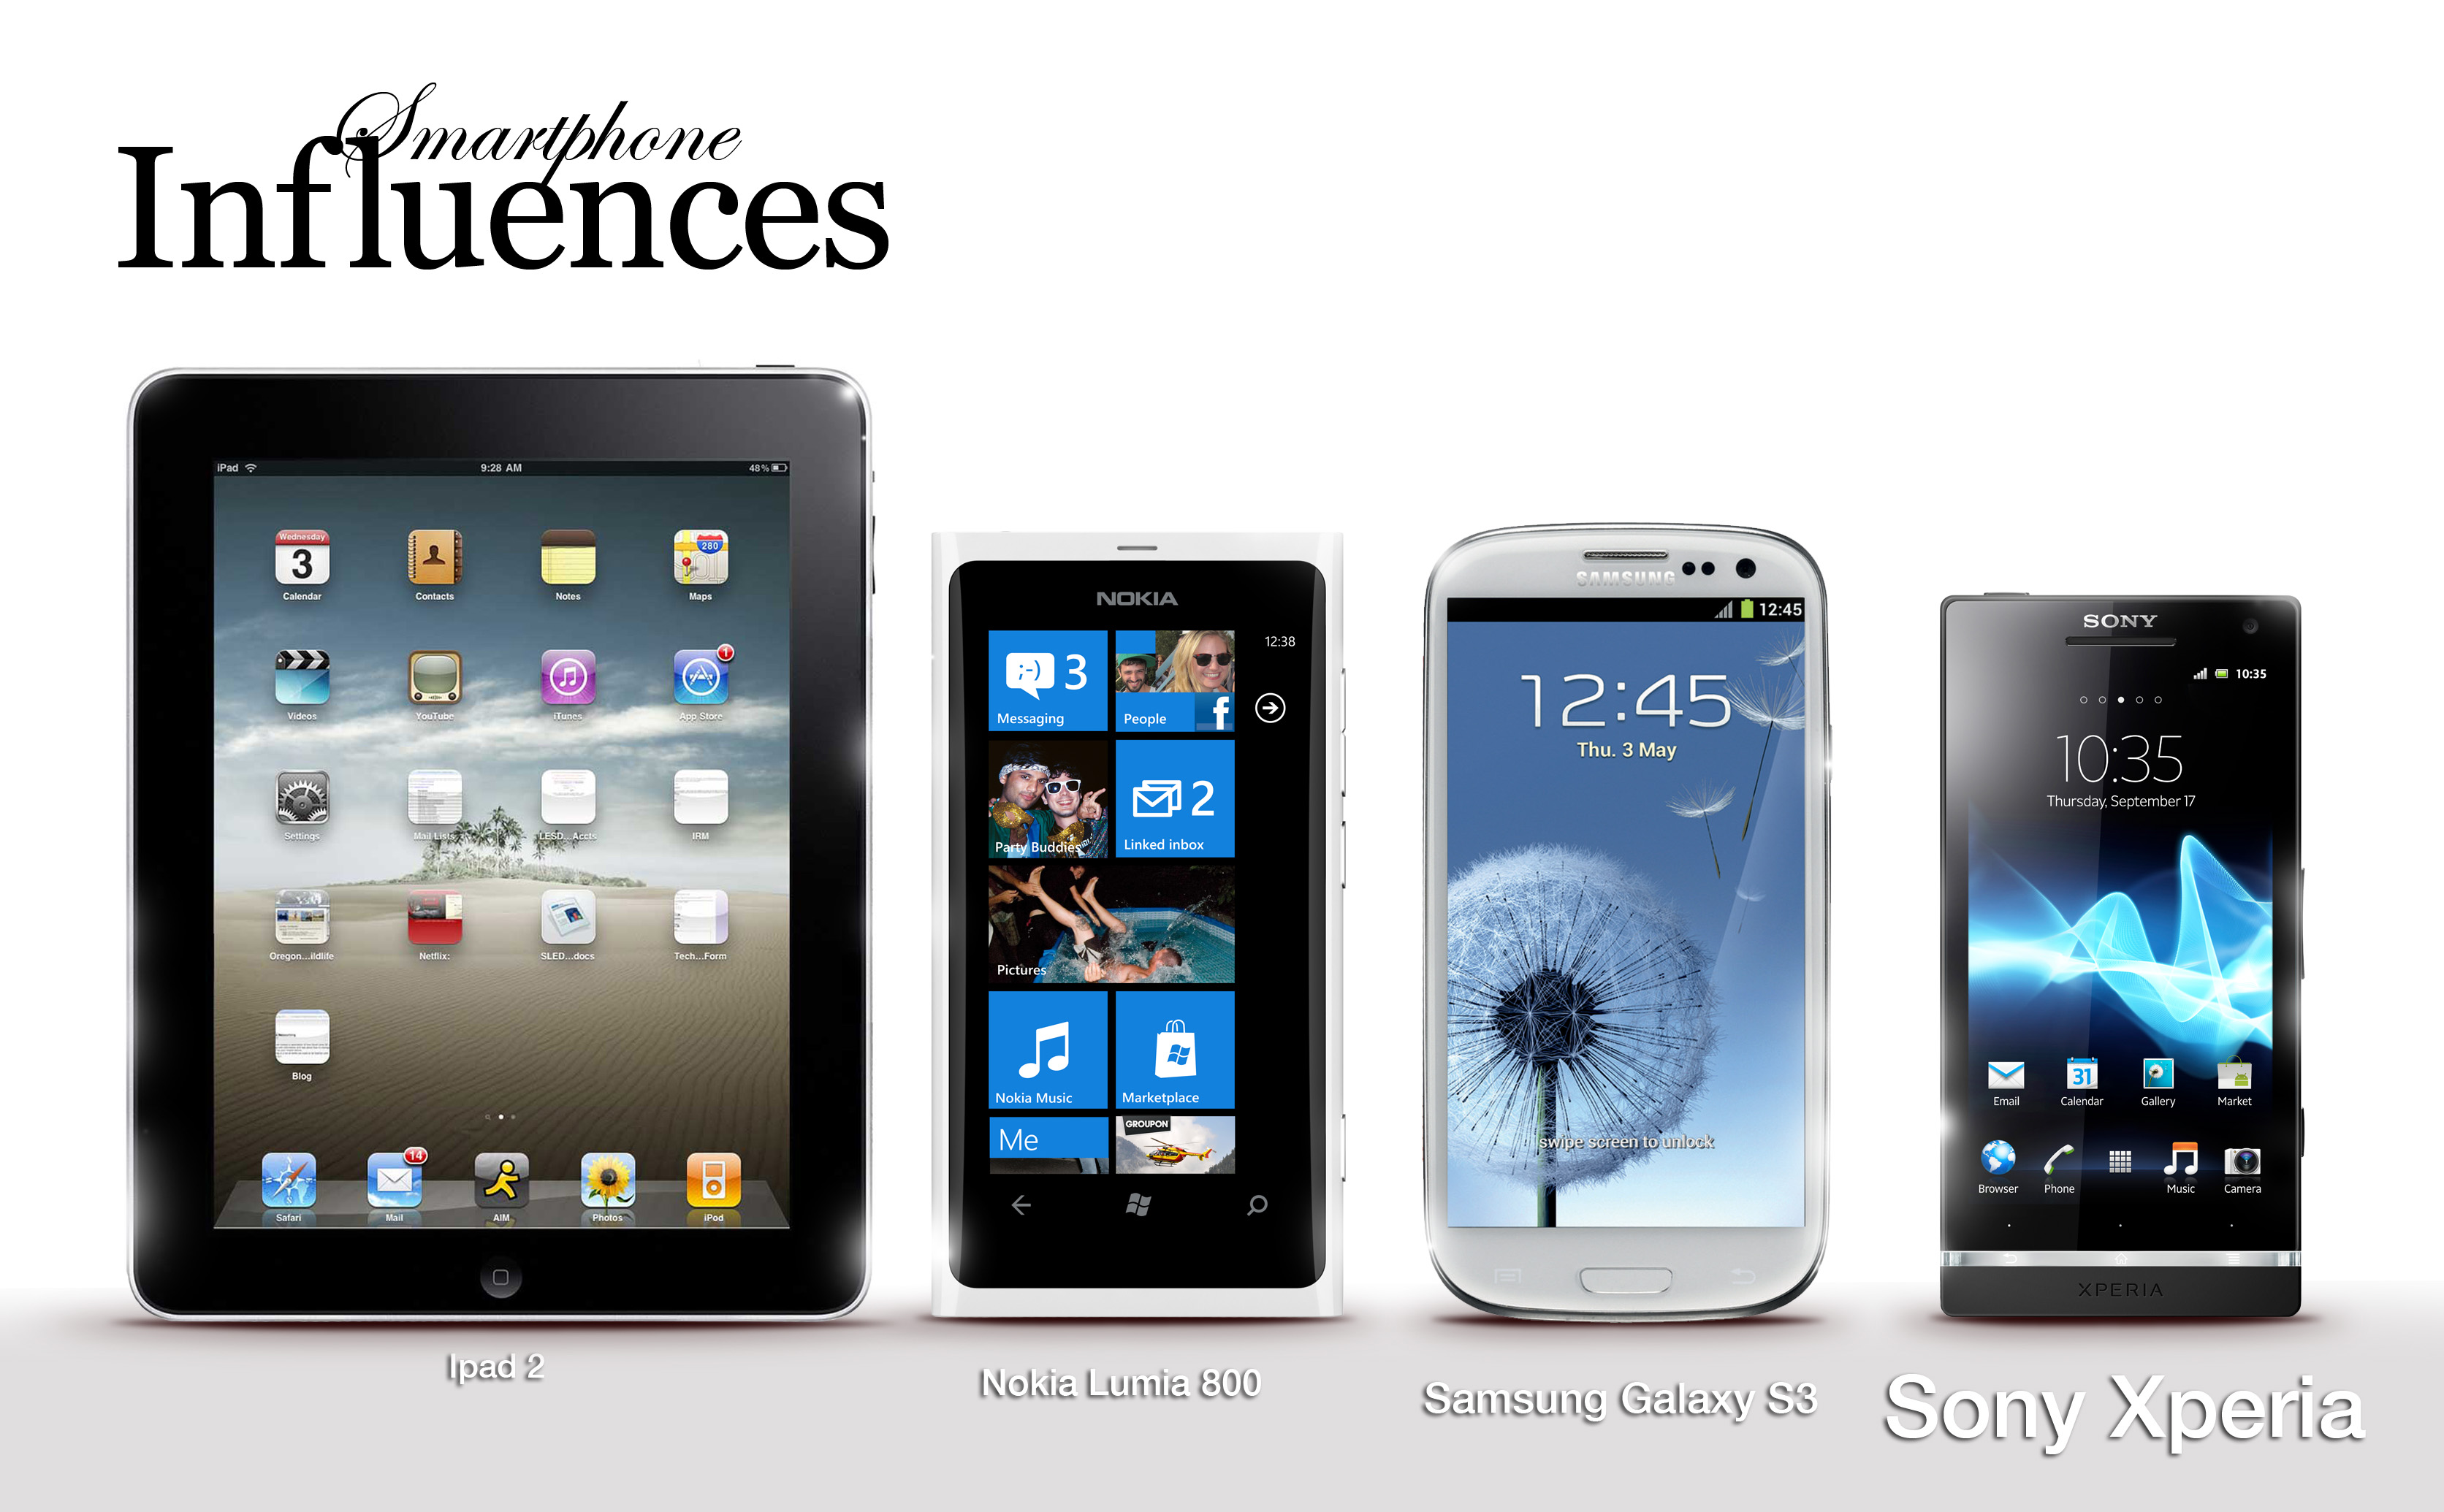 ff391bde2b6 Smart Phones in Uganda